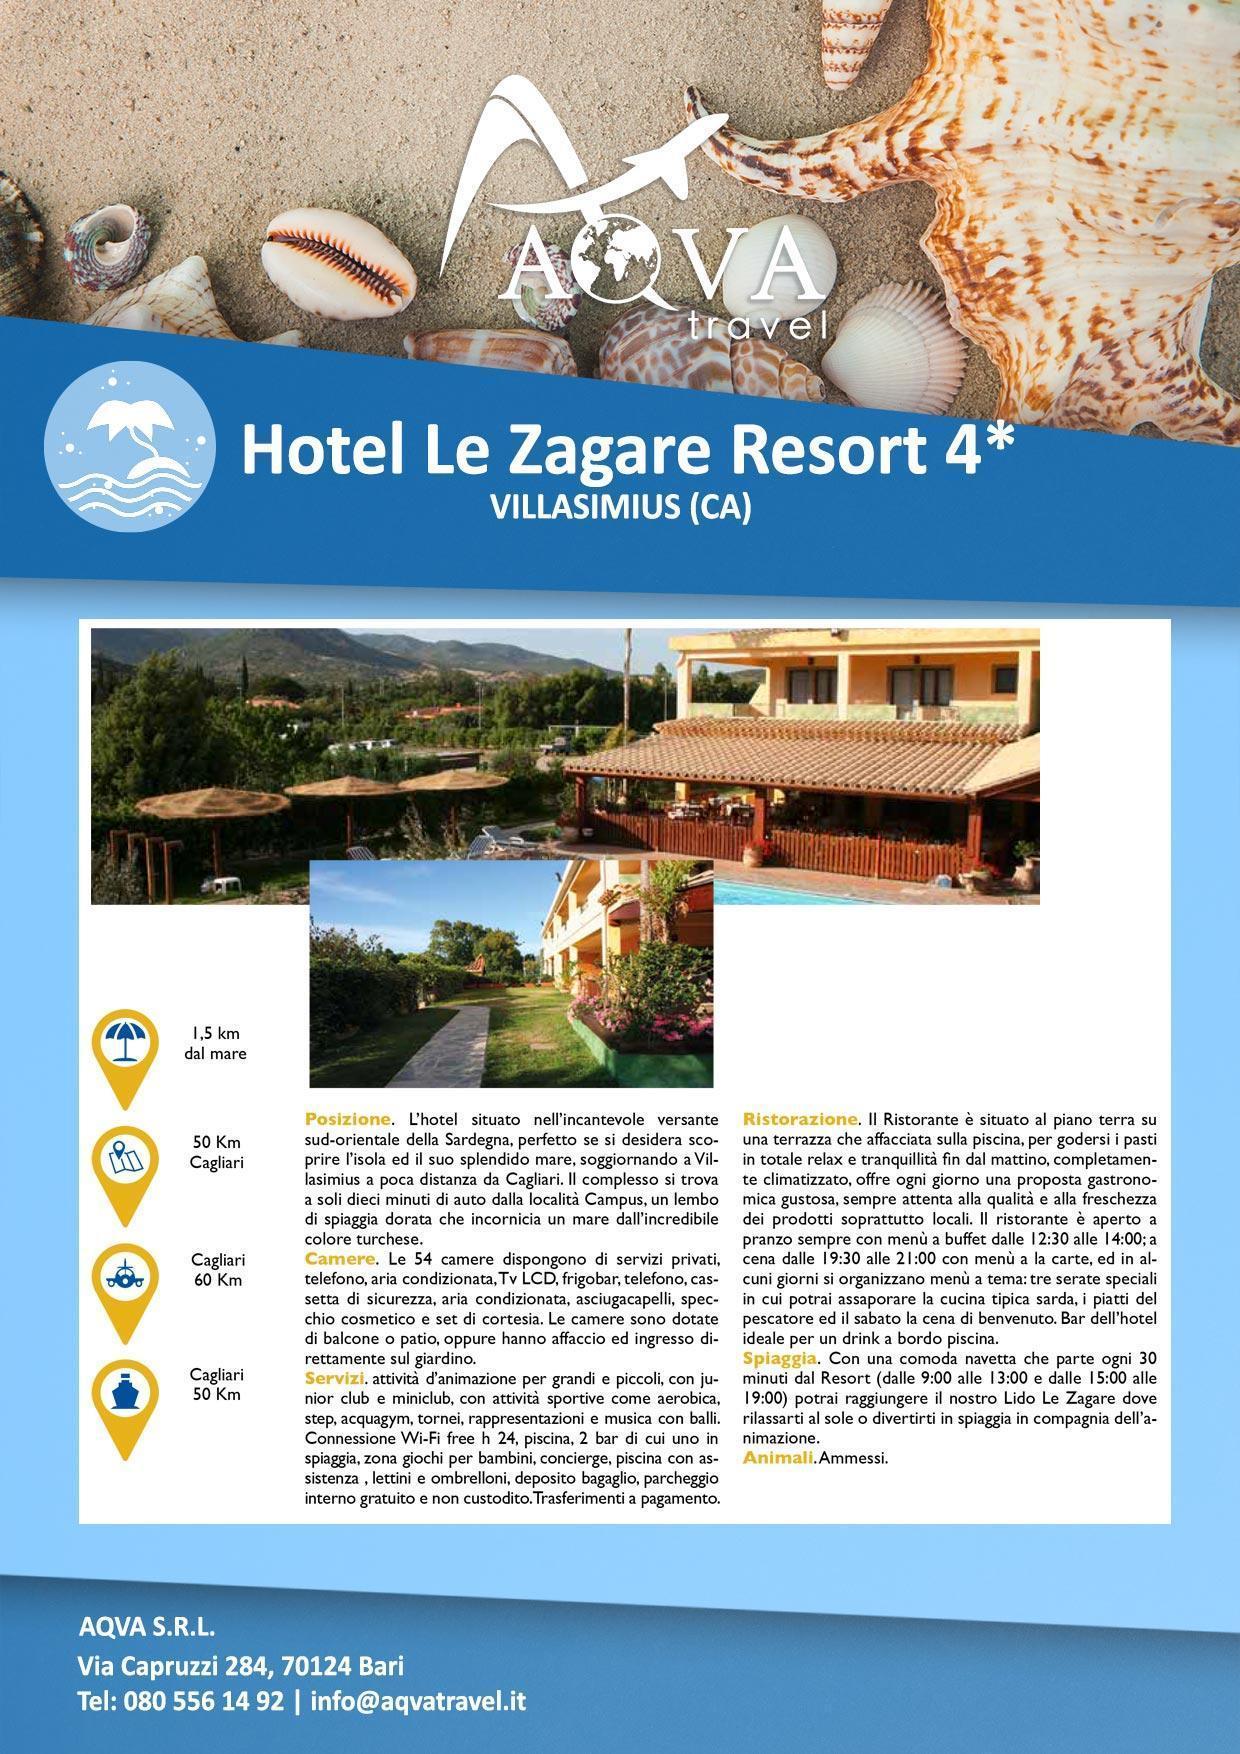 Hotel-Le-Zagare-Resort-4-Mare-offerte-agenzia-di-viaggi-Bari-AQVATRAVEL-it